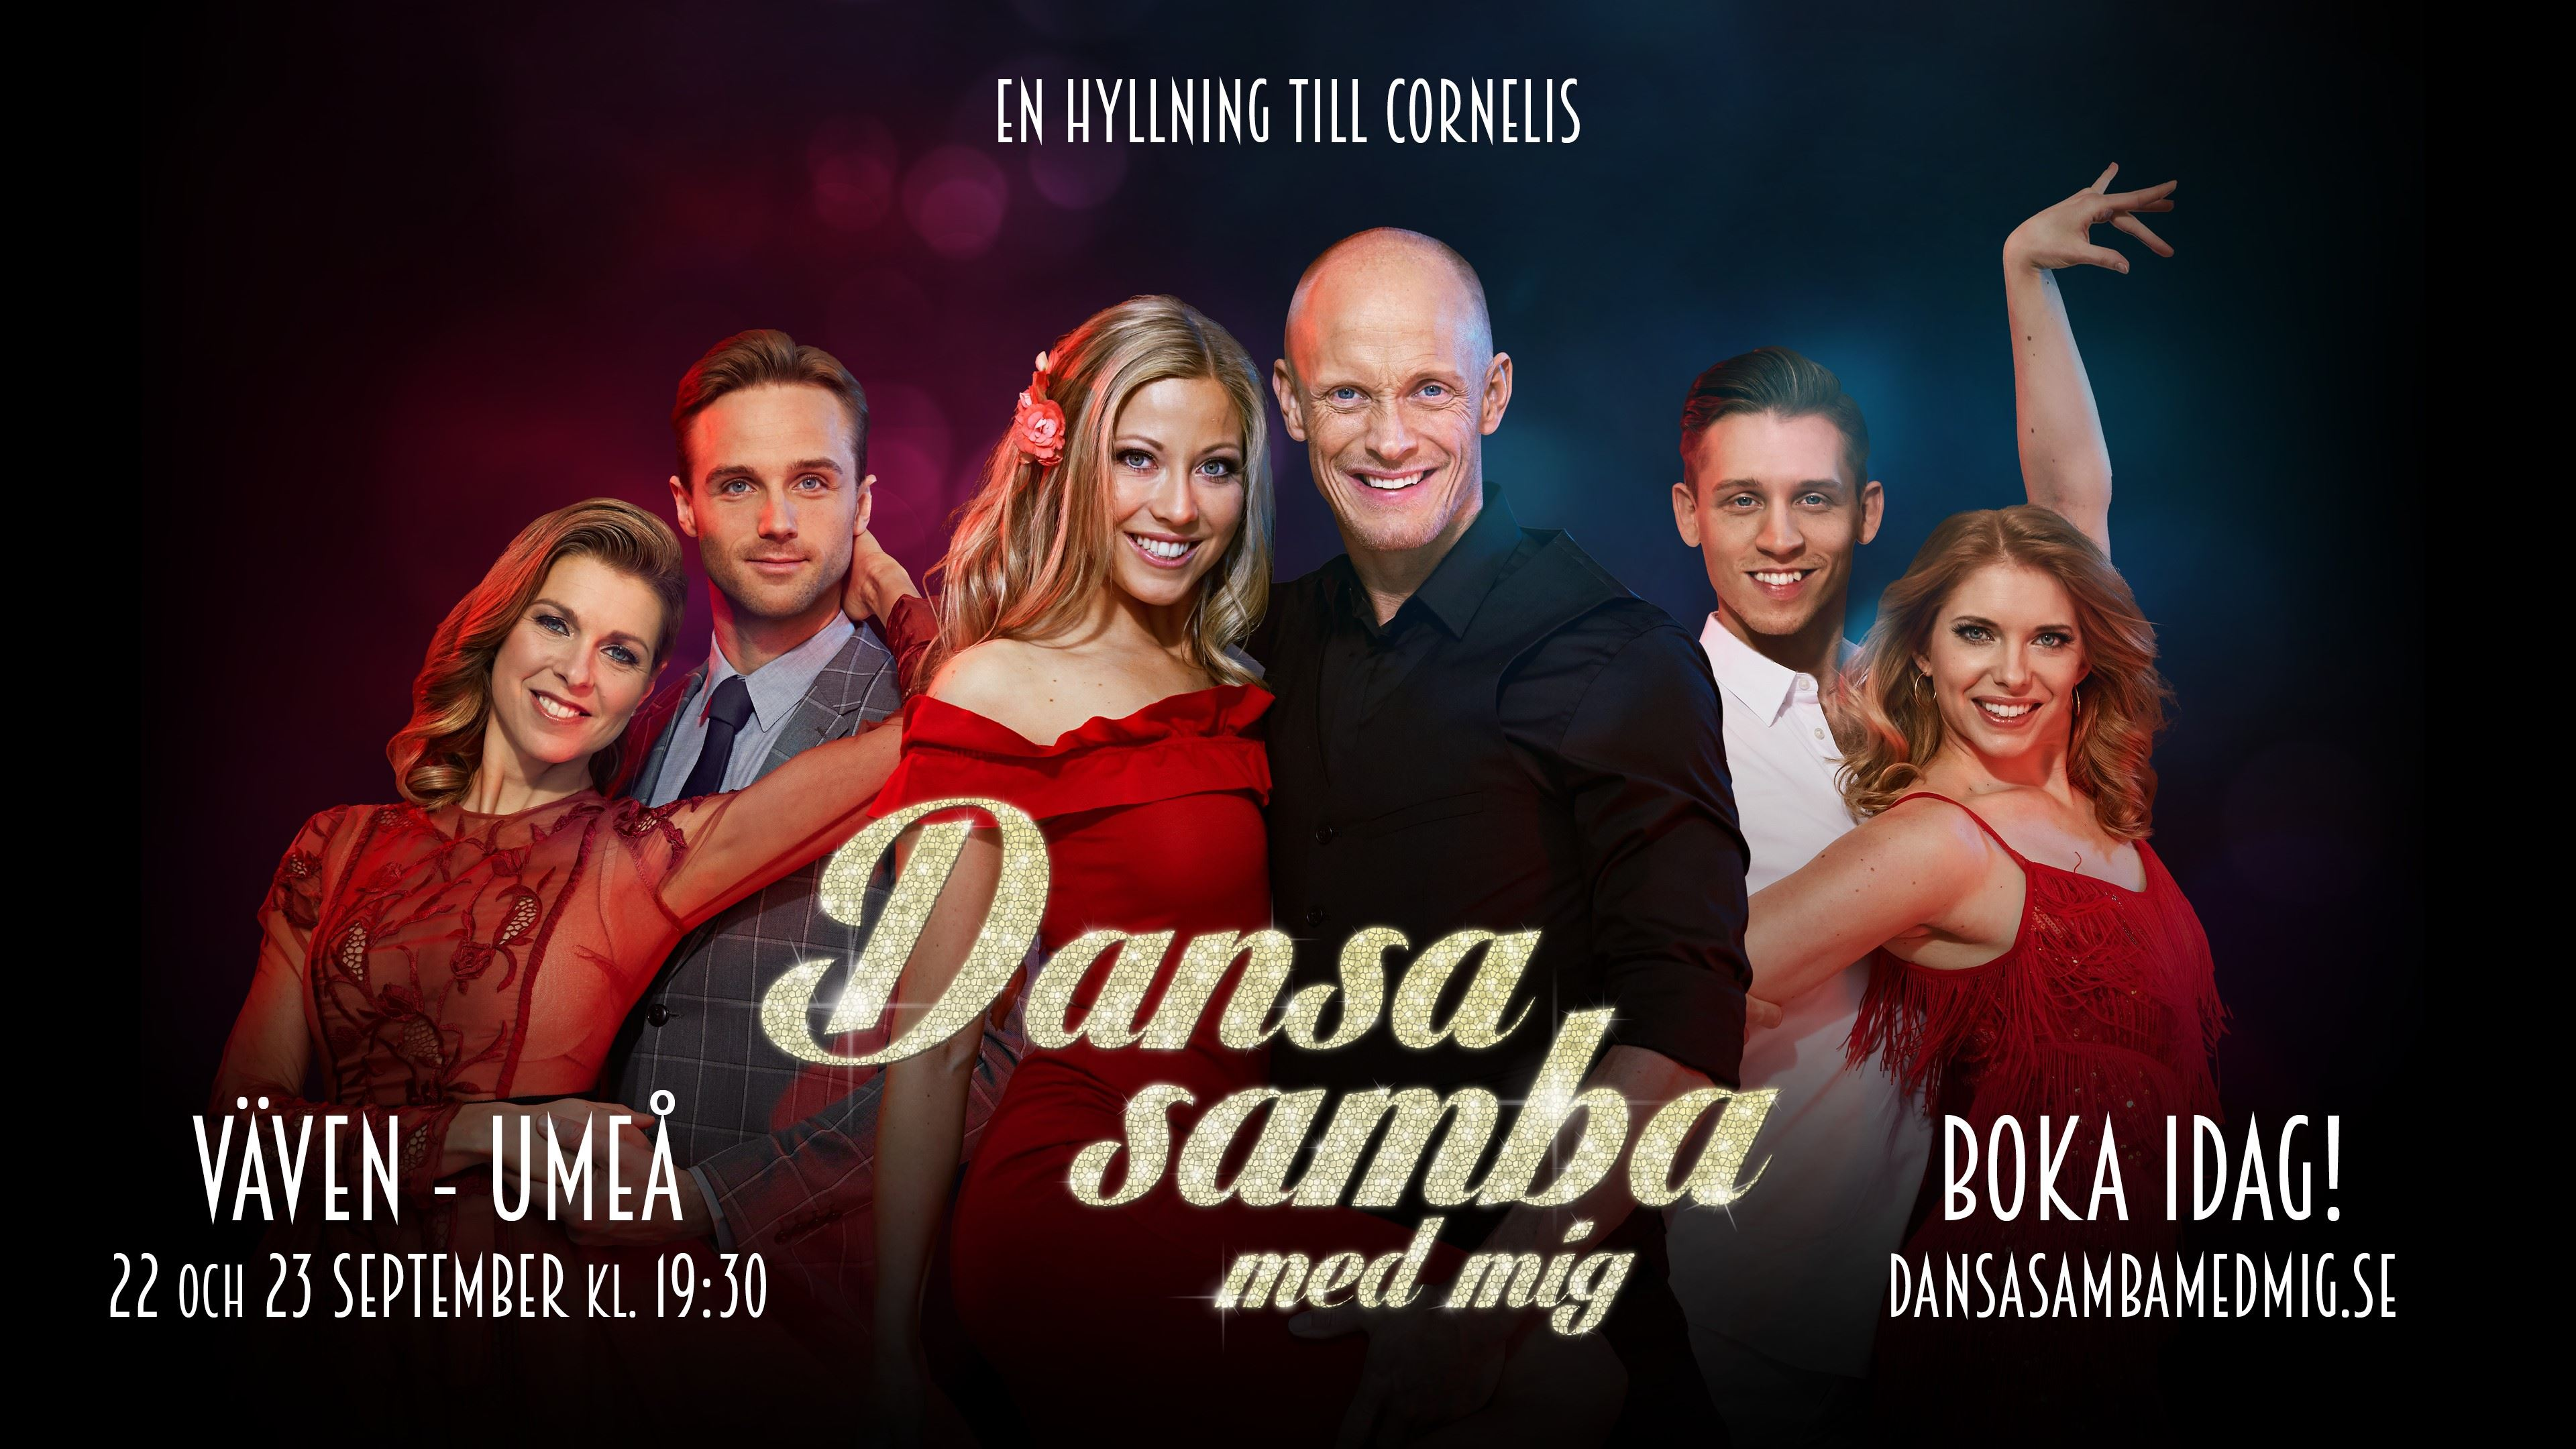 © Move your feet AB, Dansa samba med mig - en hyllning till Cornelis